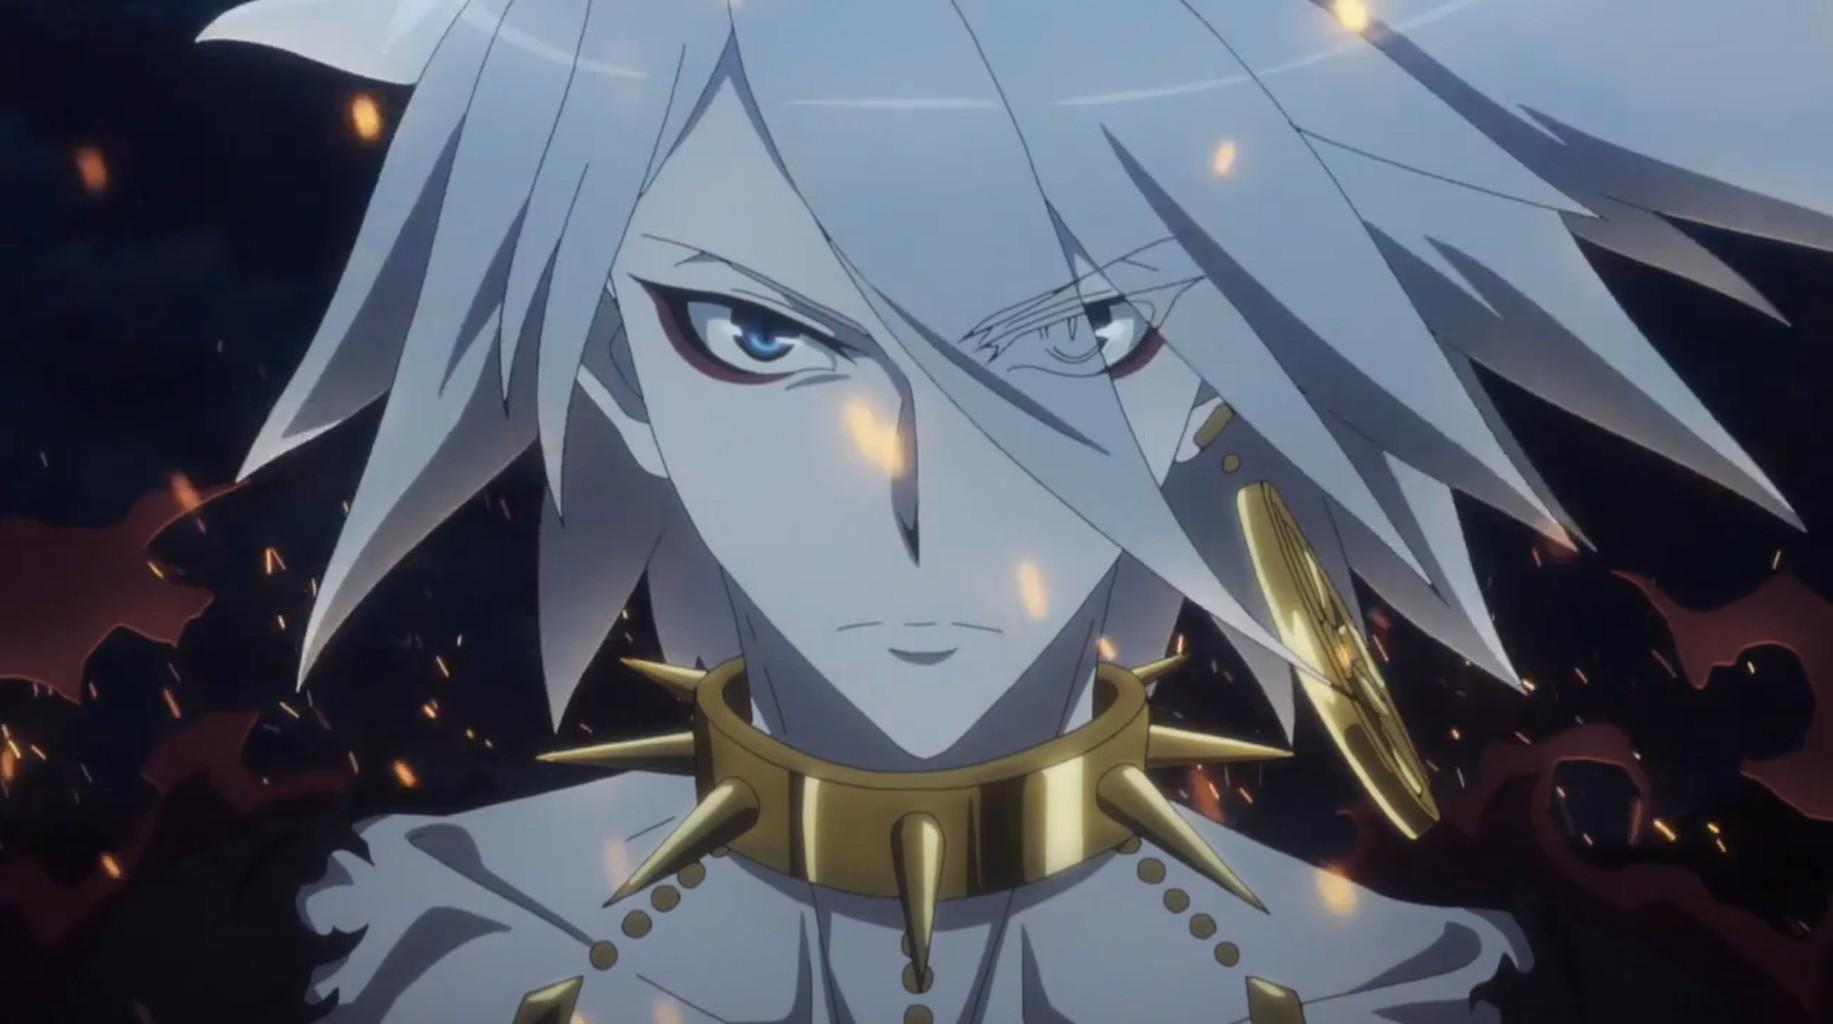 【第11話】『Fate/Apocrypha』感想まとめ! ジャンヌにお説教され ...